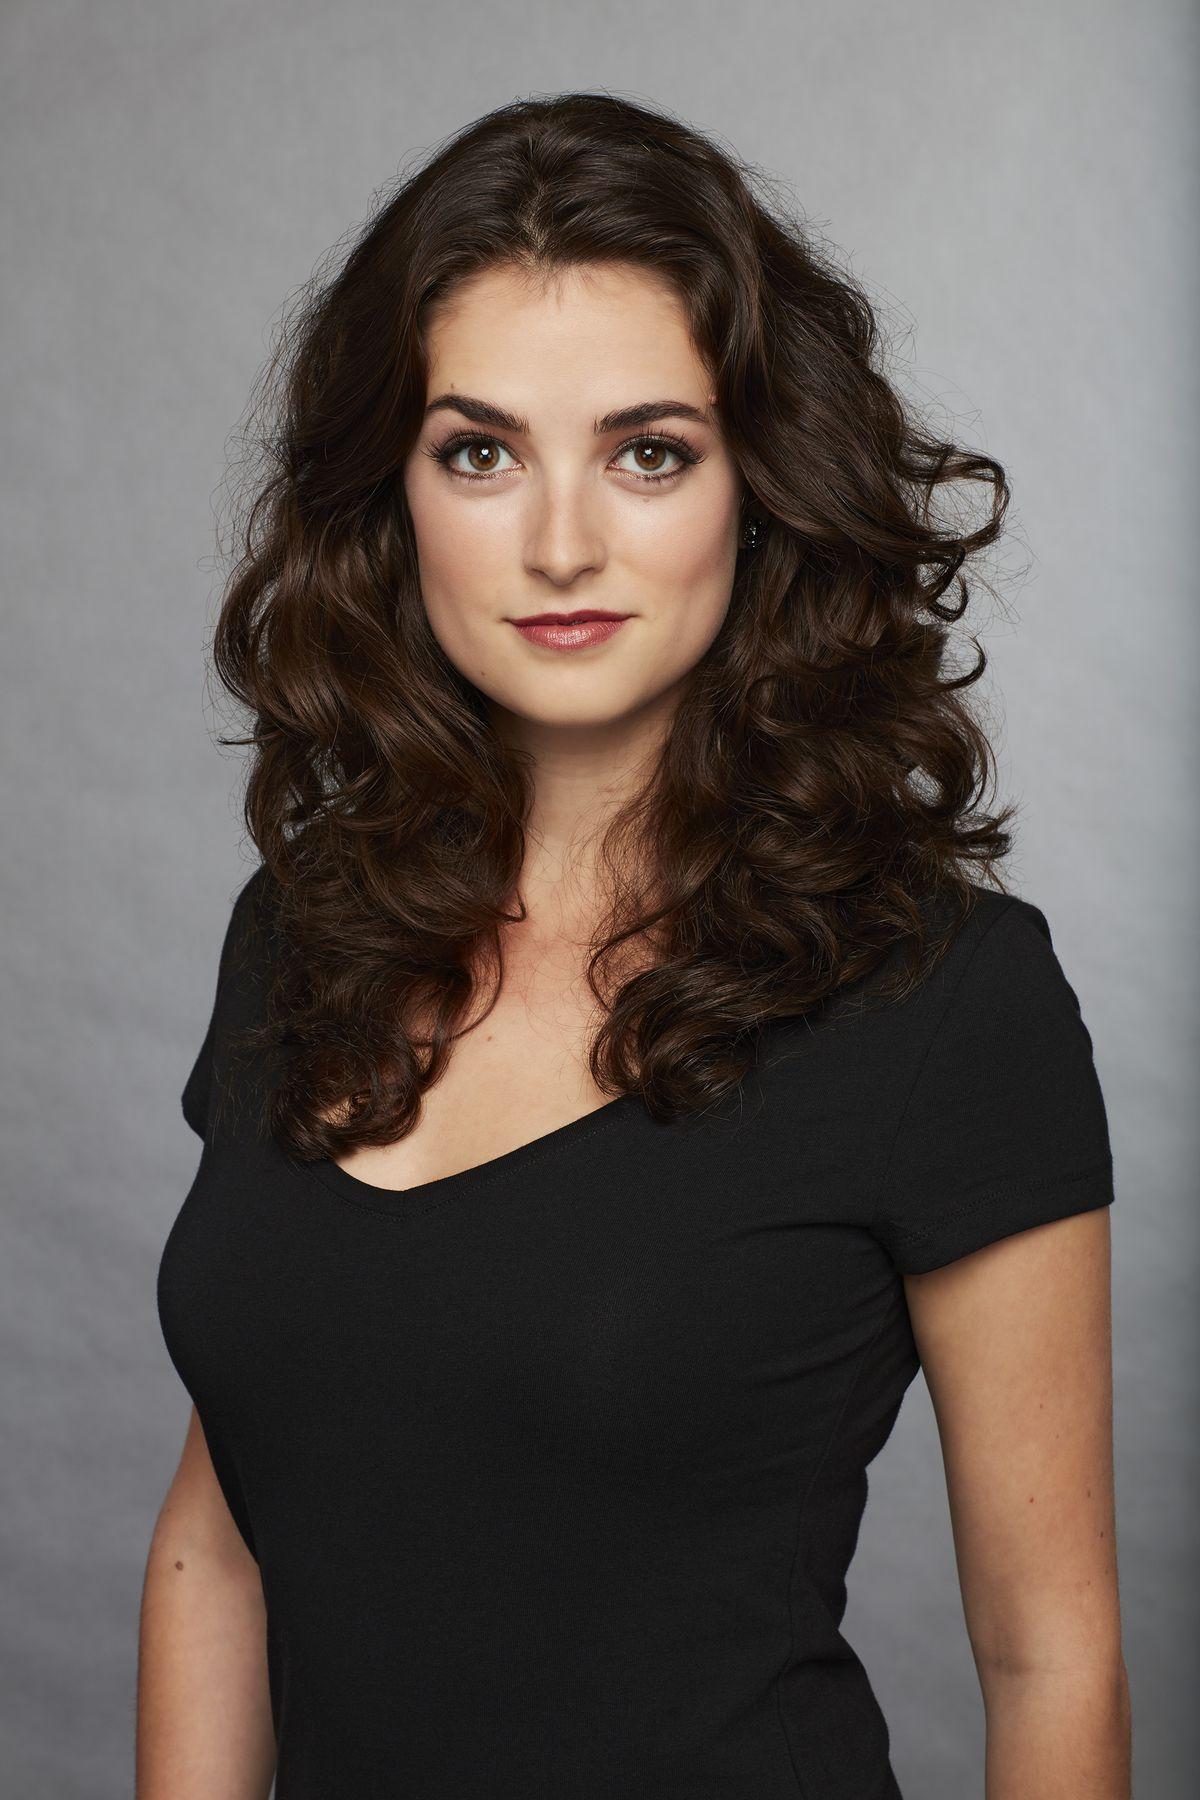 Bachelor contestant Jacqueline, 26